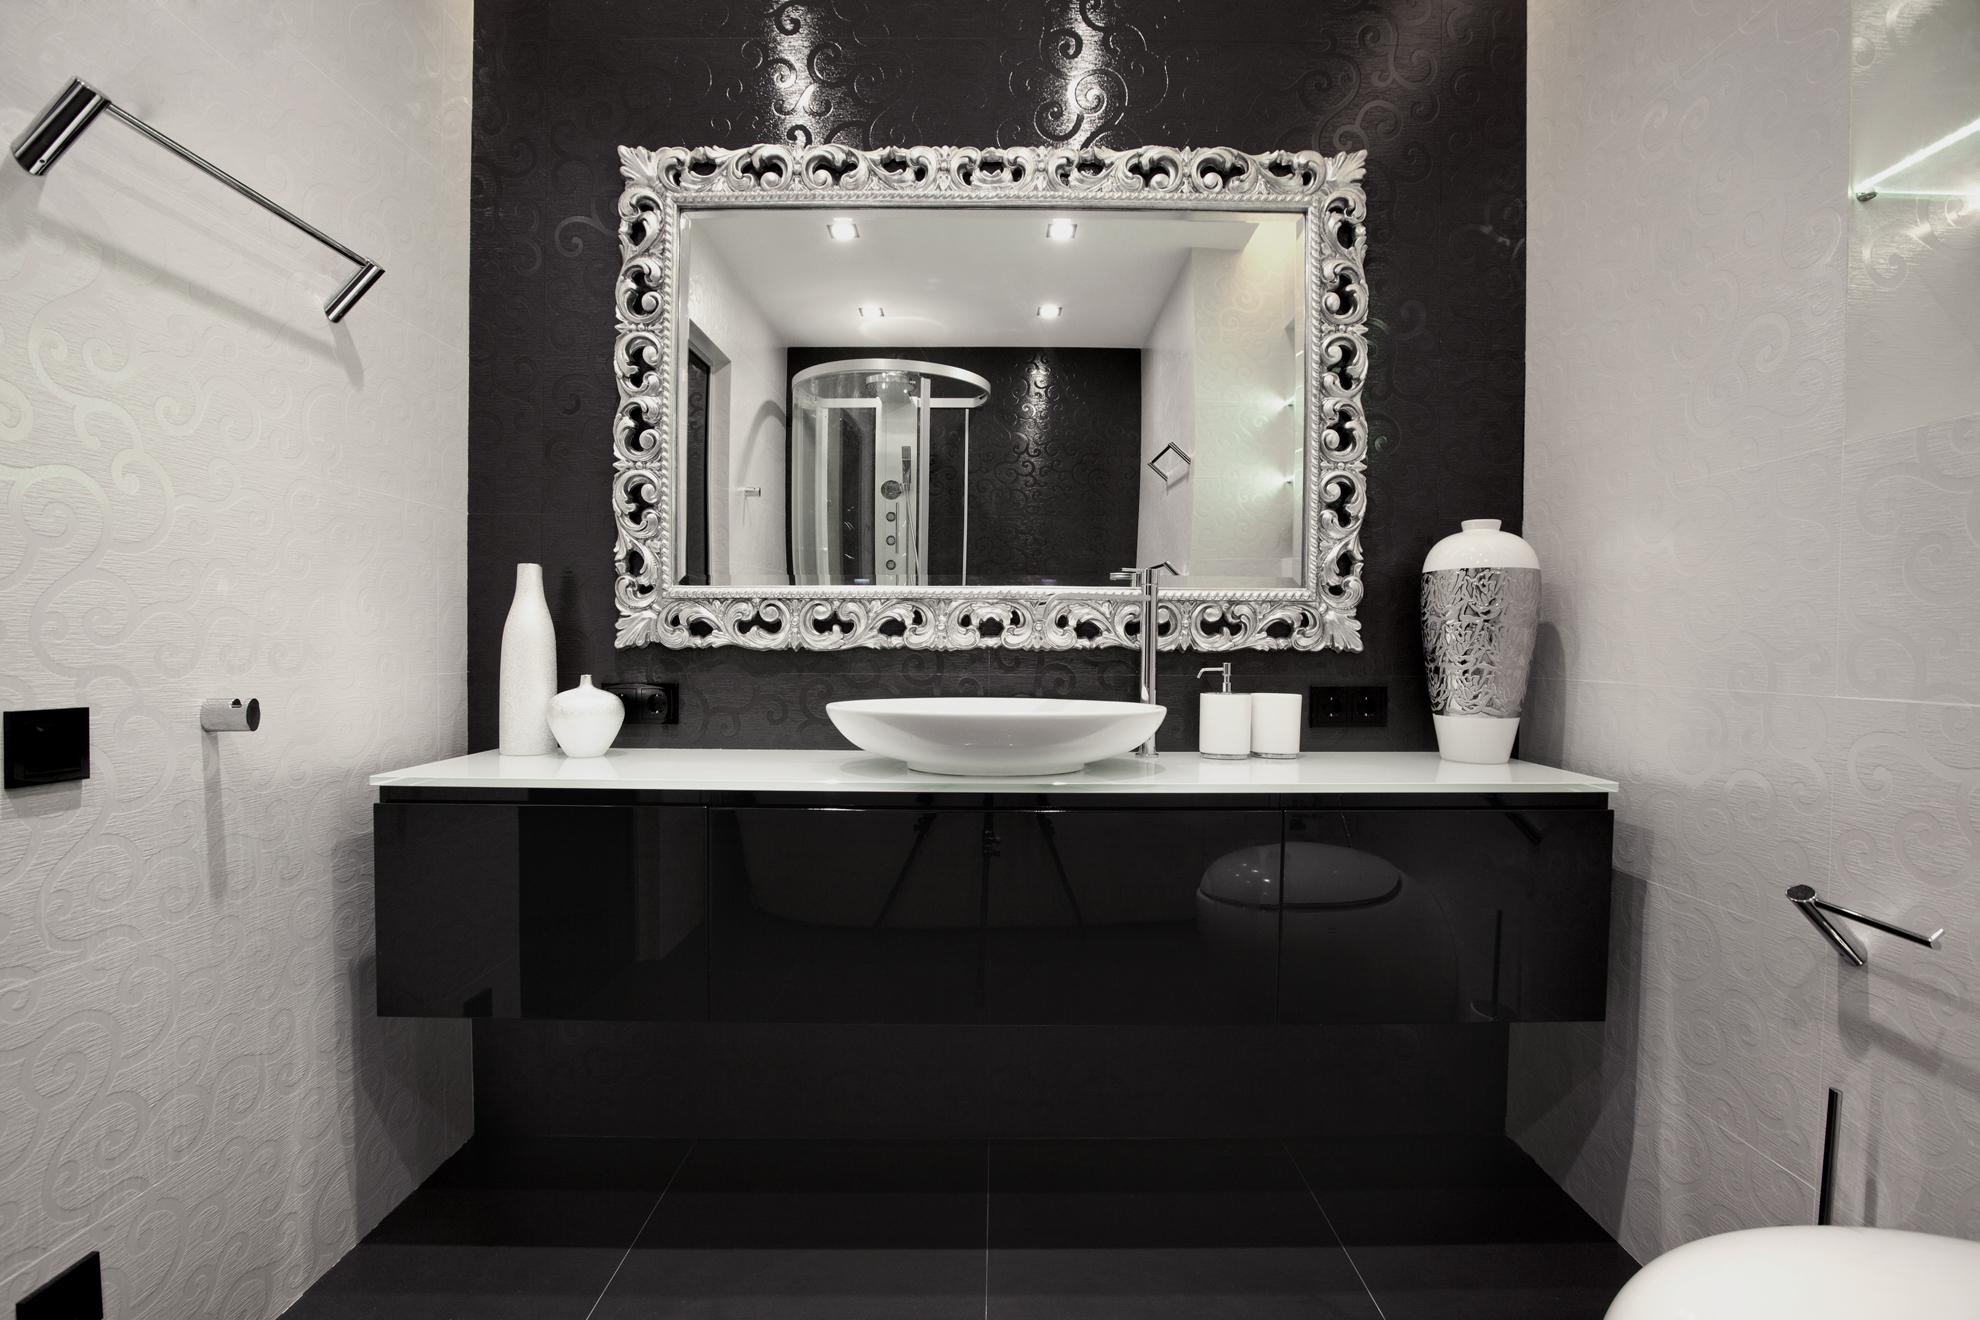 интерьер ванной комнаты черно-белых тонах